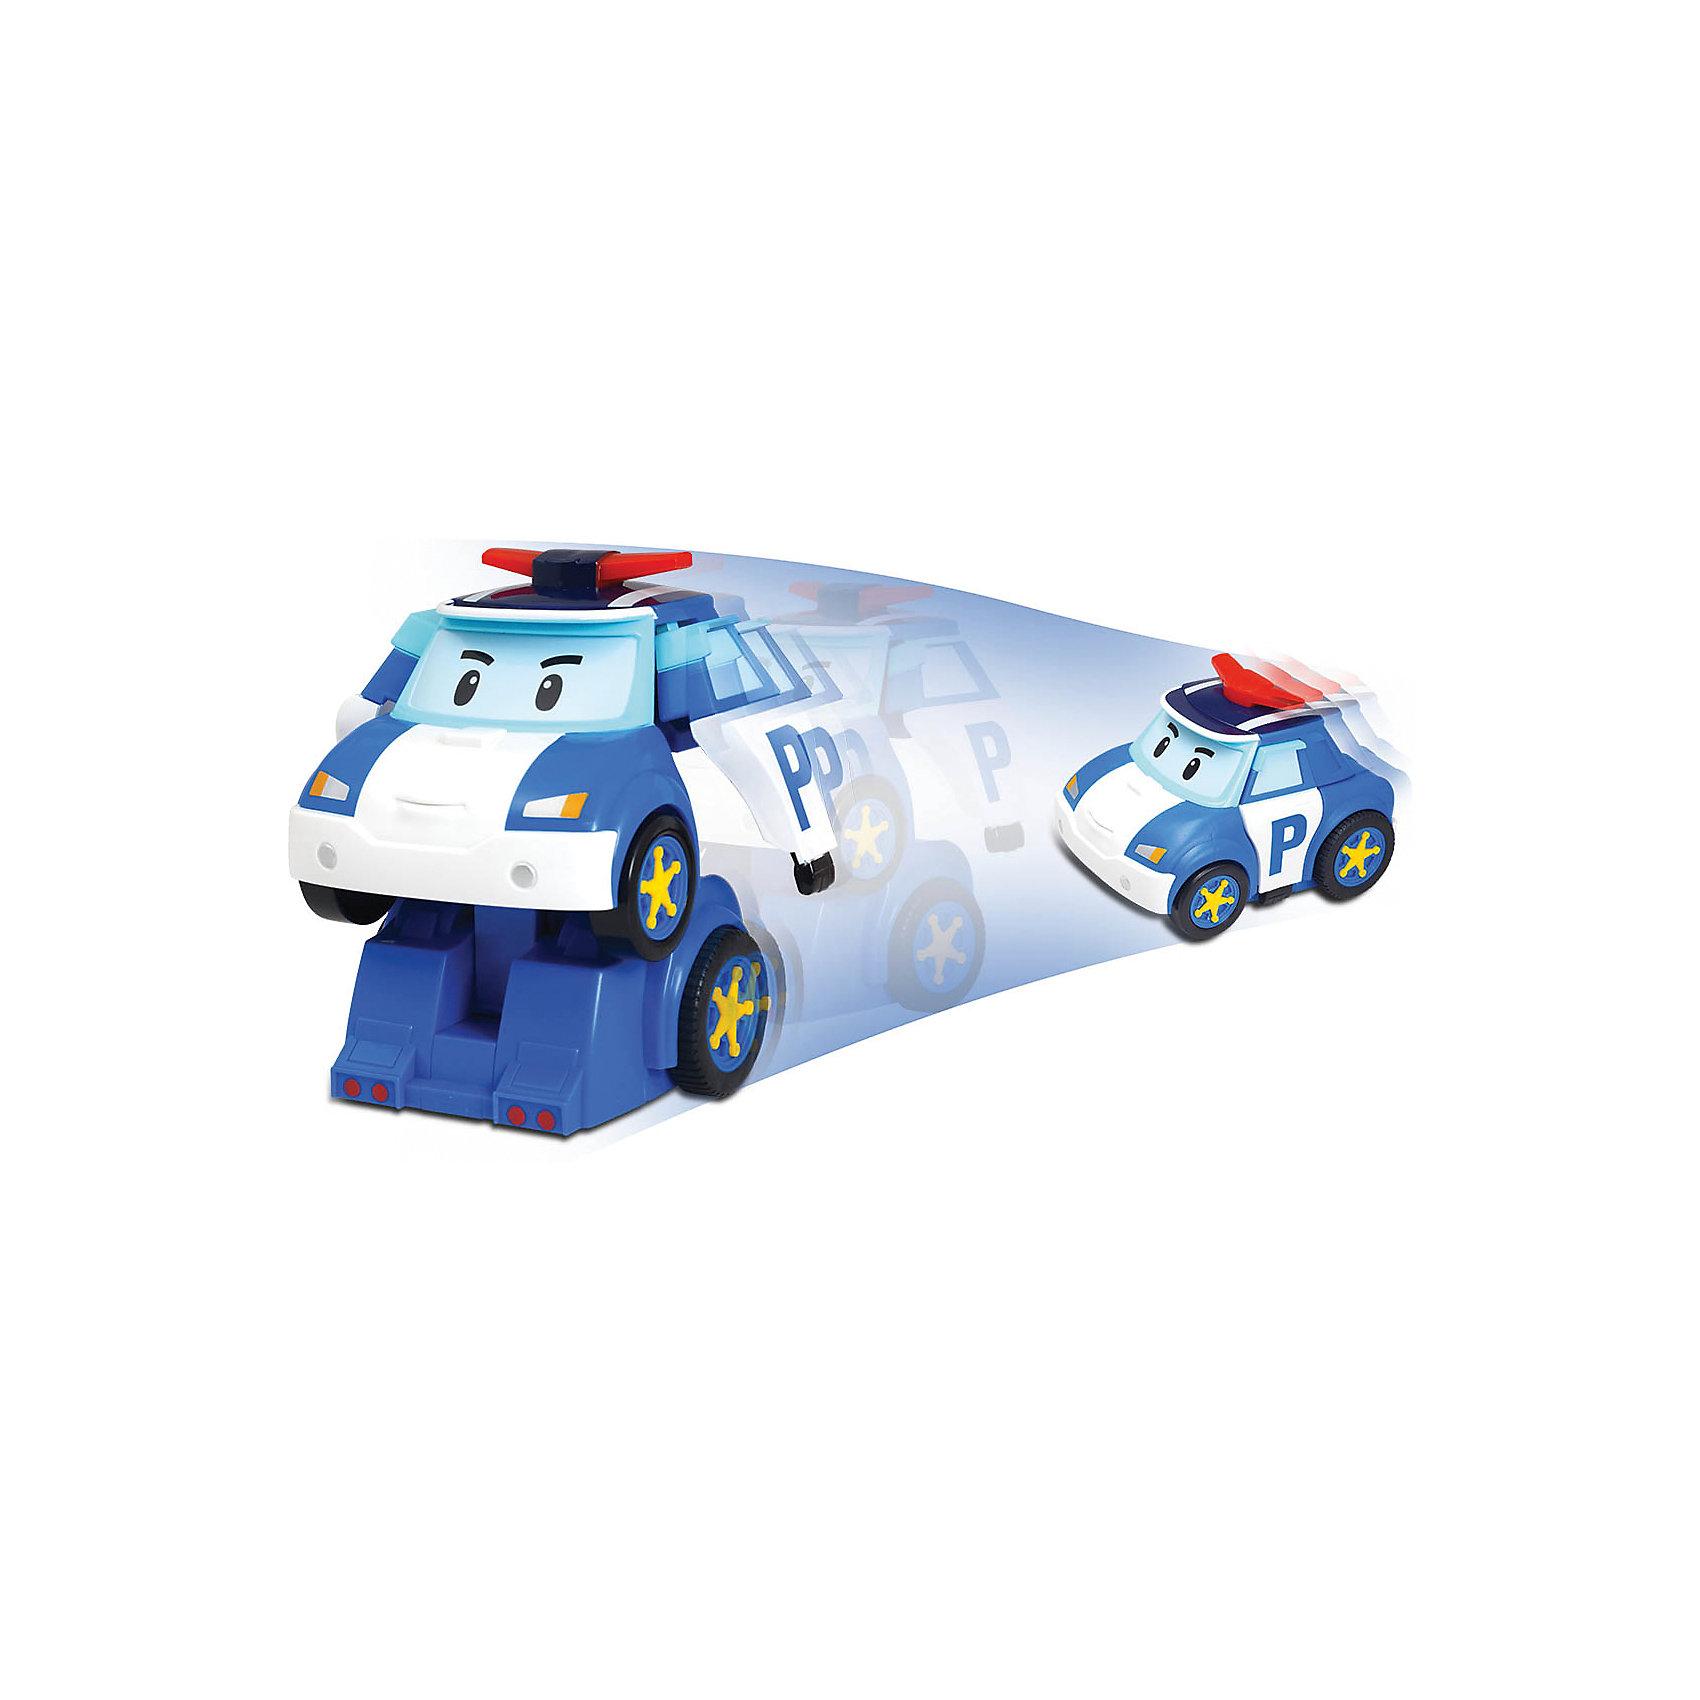 Игрушка Робот-трансформер Поли р/у, Робокар ПолиИгрушки<br>Робот-трансформер Поли - герой известного и любимого мультфильма Robocar Poli. Добрый полицейский Поли всегда рад прийти на помощь! Радиоуправляемая машинка легко трансформируется в робота, издавая при этом звук сирены и проигрывая 3 мелодии. Пульт управления имеет большие  кнопки, удобные для ребенка. Игрушка дополнена мигалкой как у настоящей полицеской машины. Прекрасная интерактивная машинка доставит много радости вашему ребенку.  Научит его быть более внимательным, поможет изучить правила дорожного движения. <br><br>Дополнительная информация:<br><br>- Размер упаковки: 24х16х18 см.<br>- Высота игрушки( в трансформации робота) - 20 см<br>- Комплектация:  машинка, пульт управления.<br>- Материал: пластик, металл<br>- Радиоуправляемая<br>- Управляется в форме машины и робота.<br>- Трансформируется с кнопки д/у<br>- Элементы питания: 4 батарейки типа AAA и 1 батарейка 6LR61-9V (приобретаются отдельно)<br>- Машина может двигаться в разных направлениях<br>- Звуковые эффекты: есть<br>- Световые эффекты: есть. <br><br>Игрушку Робот-трансформер Поли р/у, Робокар Поли можно купить в нашем магазине.<br><br>Ширина мм: 240<br>Глубина мм: 160<br>Высота мм: 180<br>Вес г: 900<br>Возраст от месяцев: 36<br>Возраст до месяцев: 84<br>Пол: Мужской<br>Возраст: Детский<br>SKU: 3861406